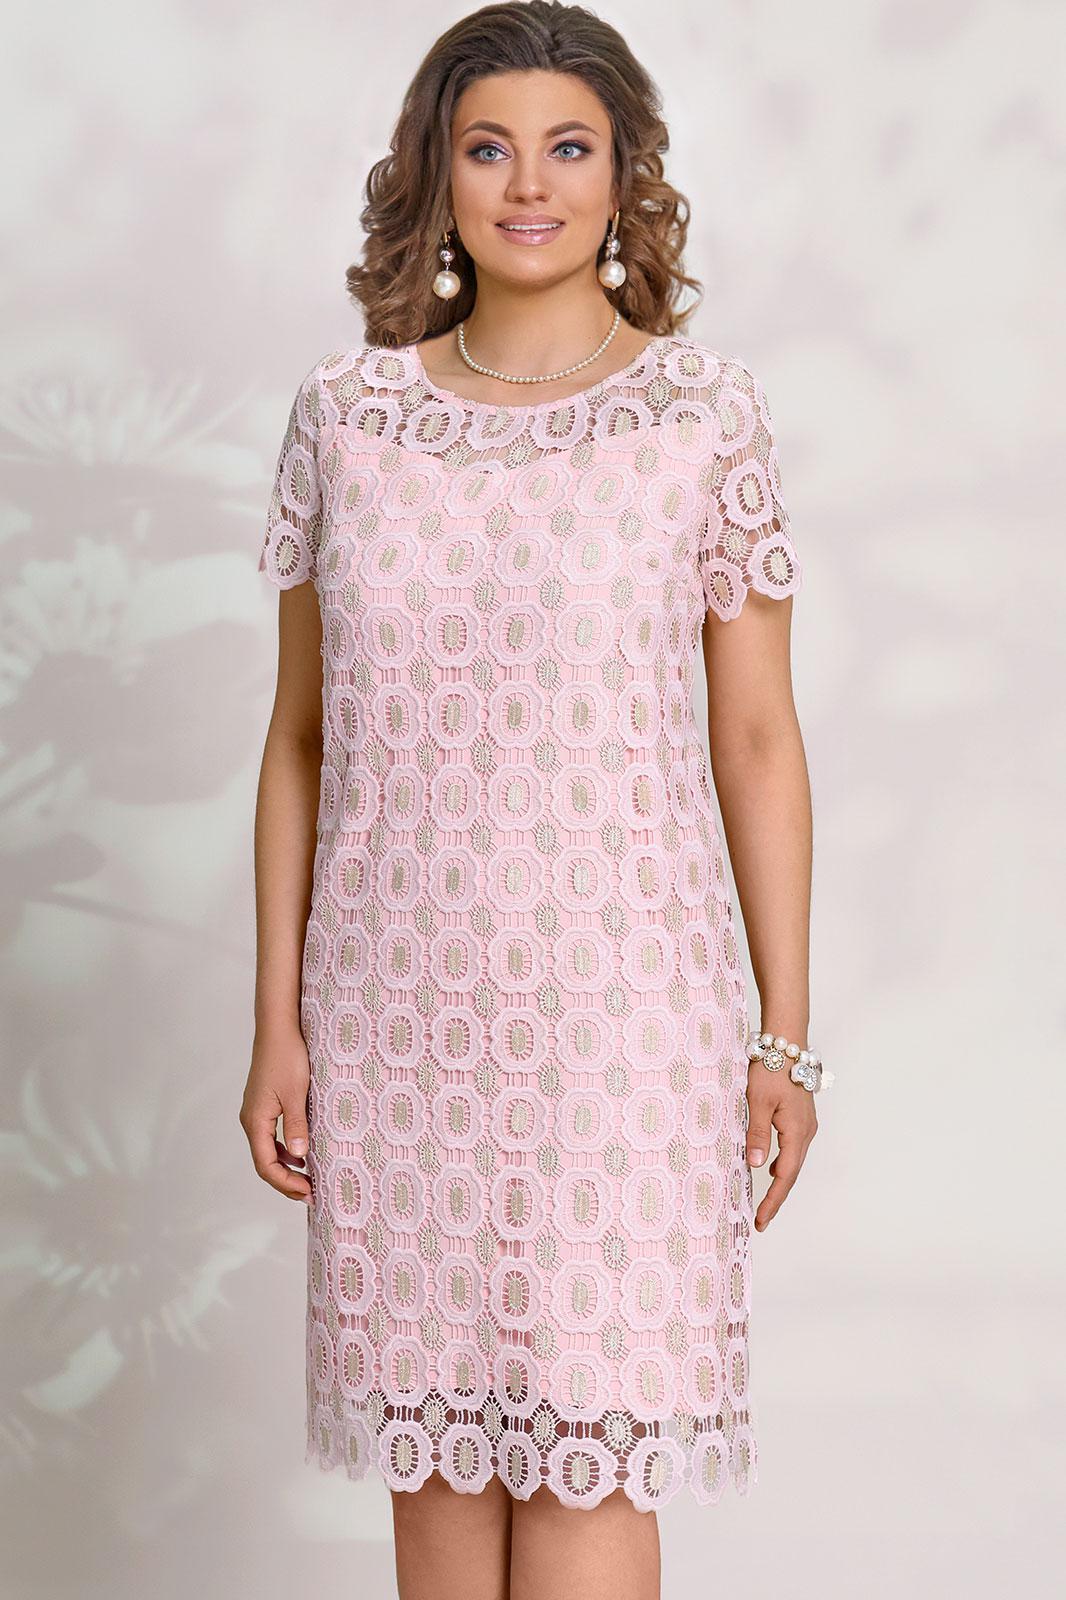 a97bc58958d Купить нарядное платье большого размера. Нарядные платья для полных